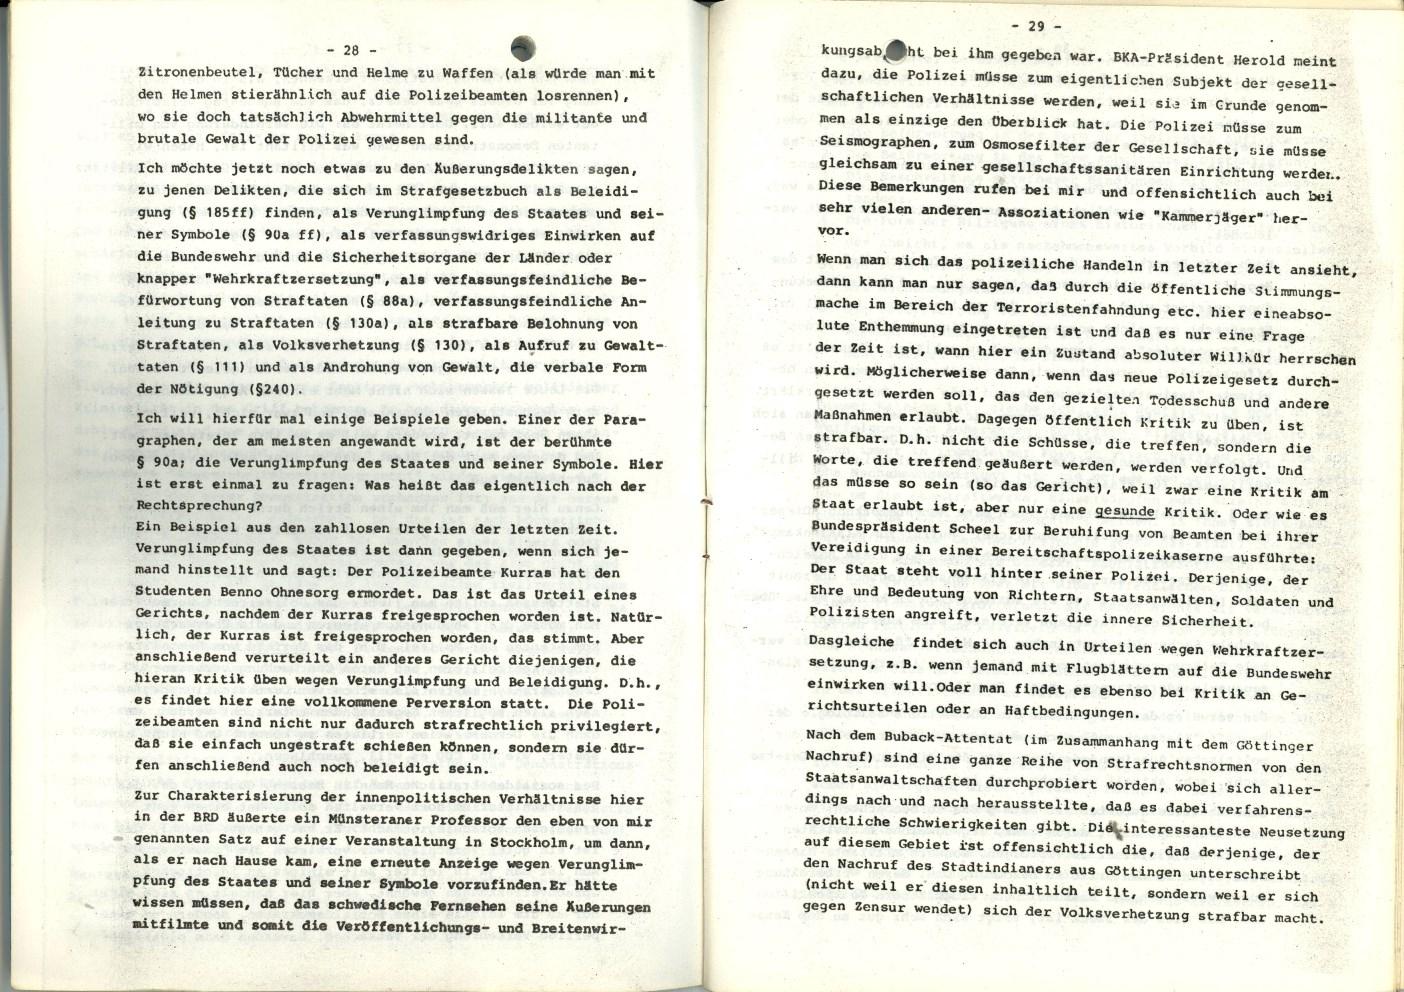 Hamburg_Vorbereitungsgruppe_Russell_Tribunal_Zensur_1978_15